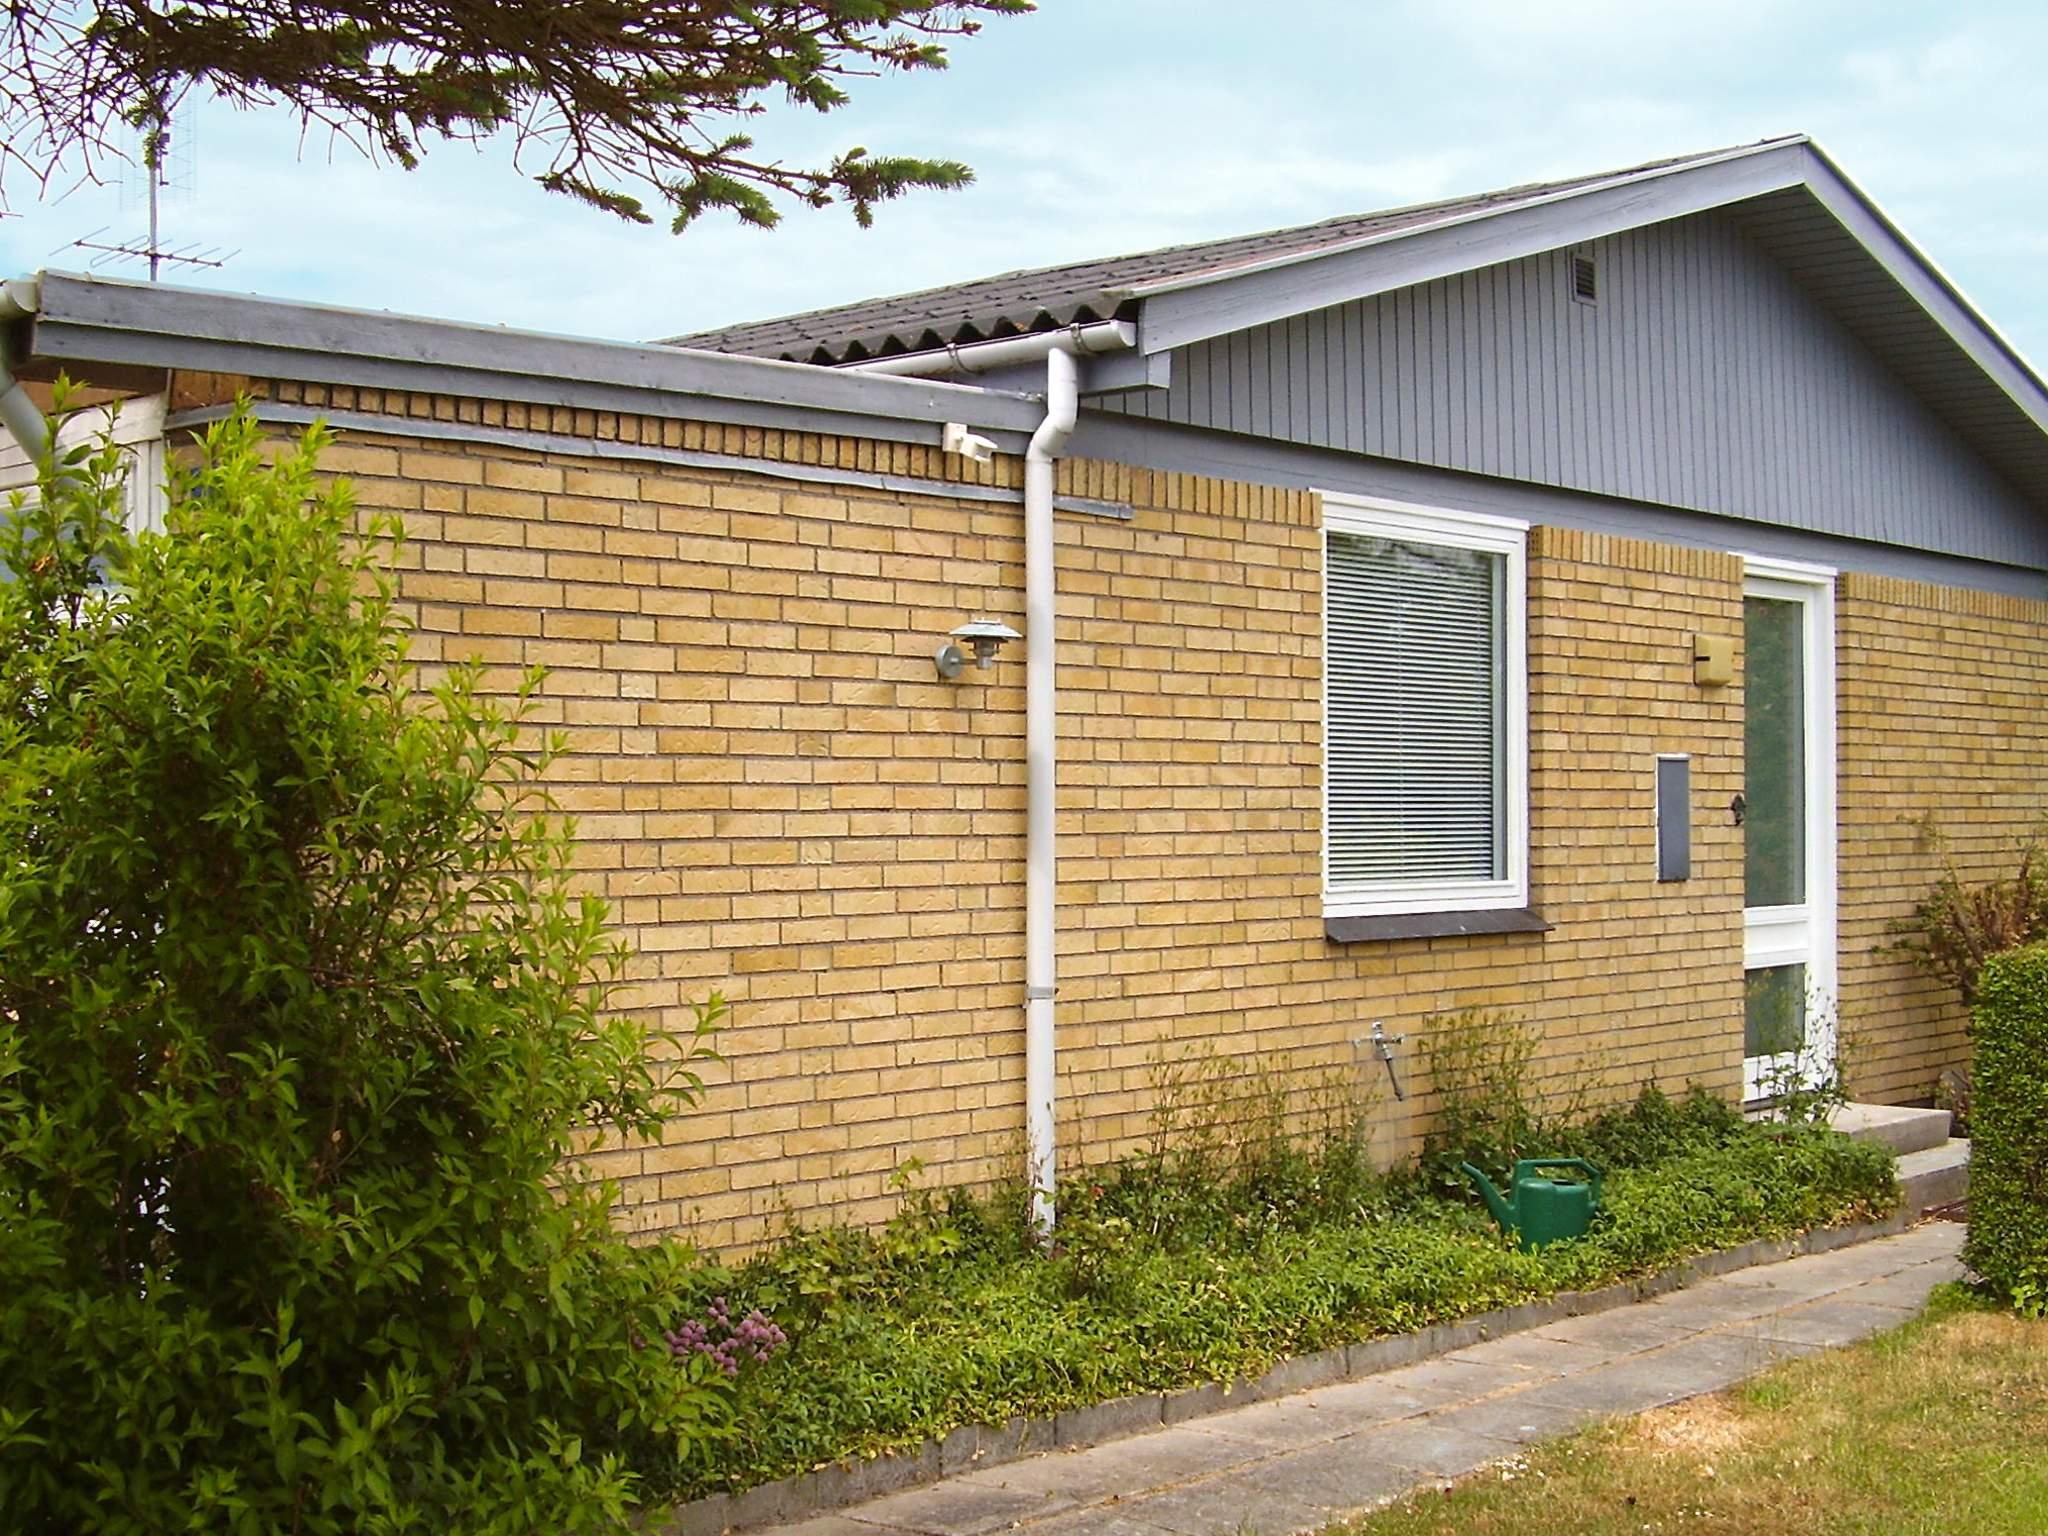 Ferienhaus Hummingen (125876), Hummingen, , Lolland, Dänemark, Bild 16